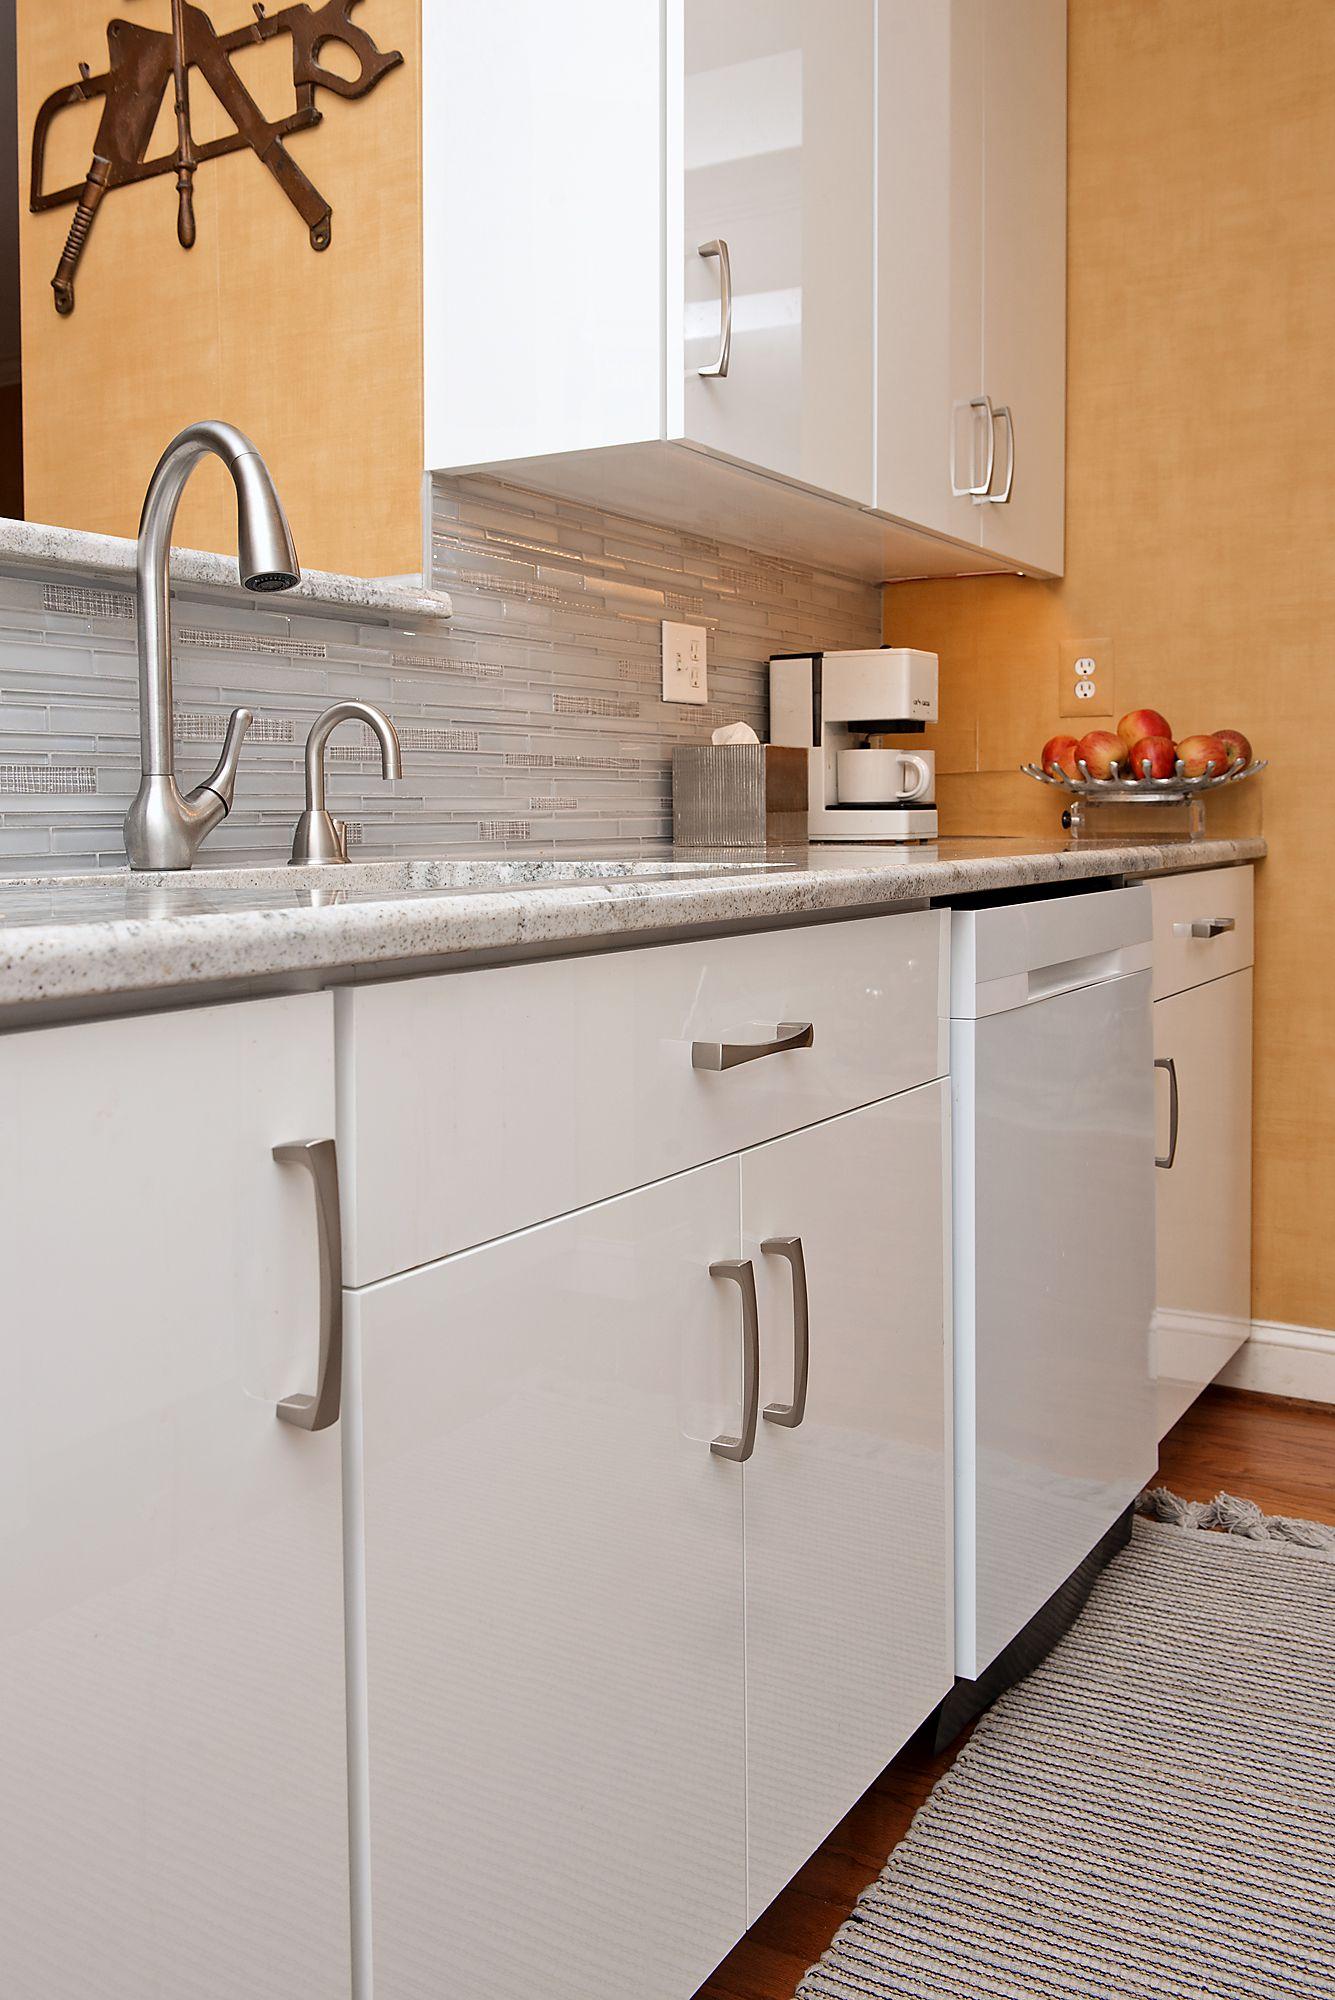 Striking Slab Doors Of High Gloss Laminate Set This Kitchen Apart